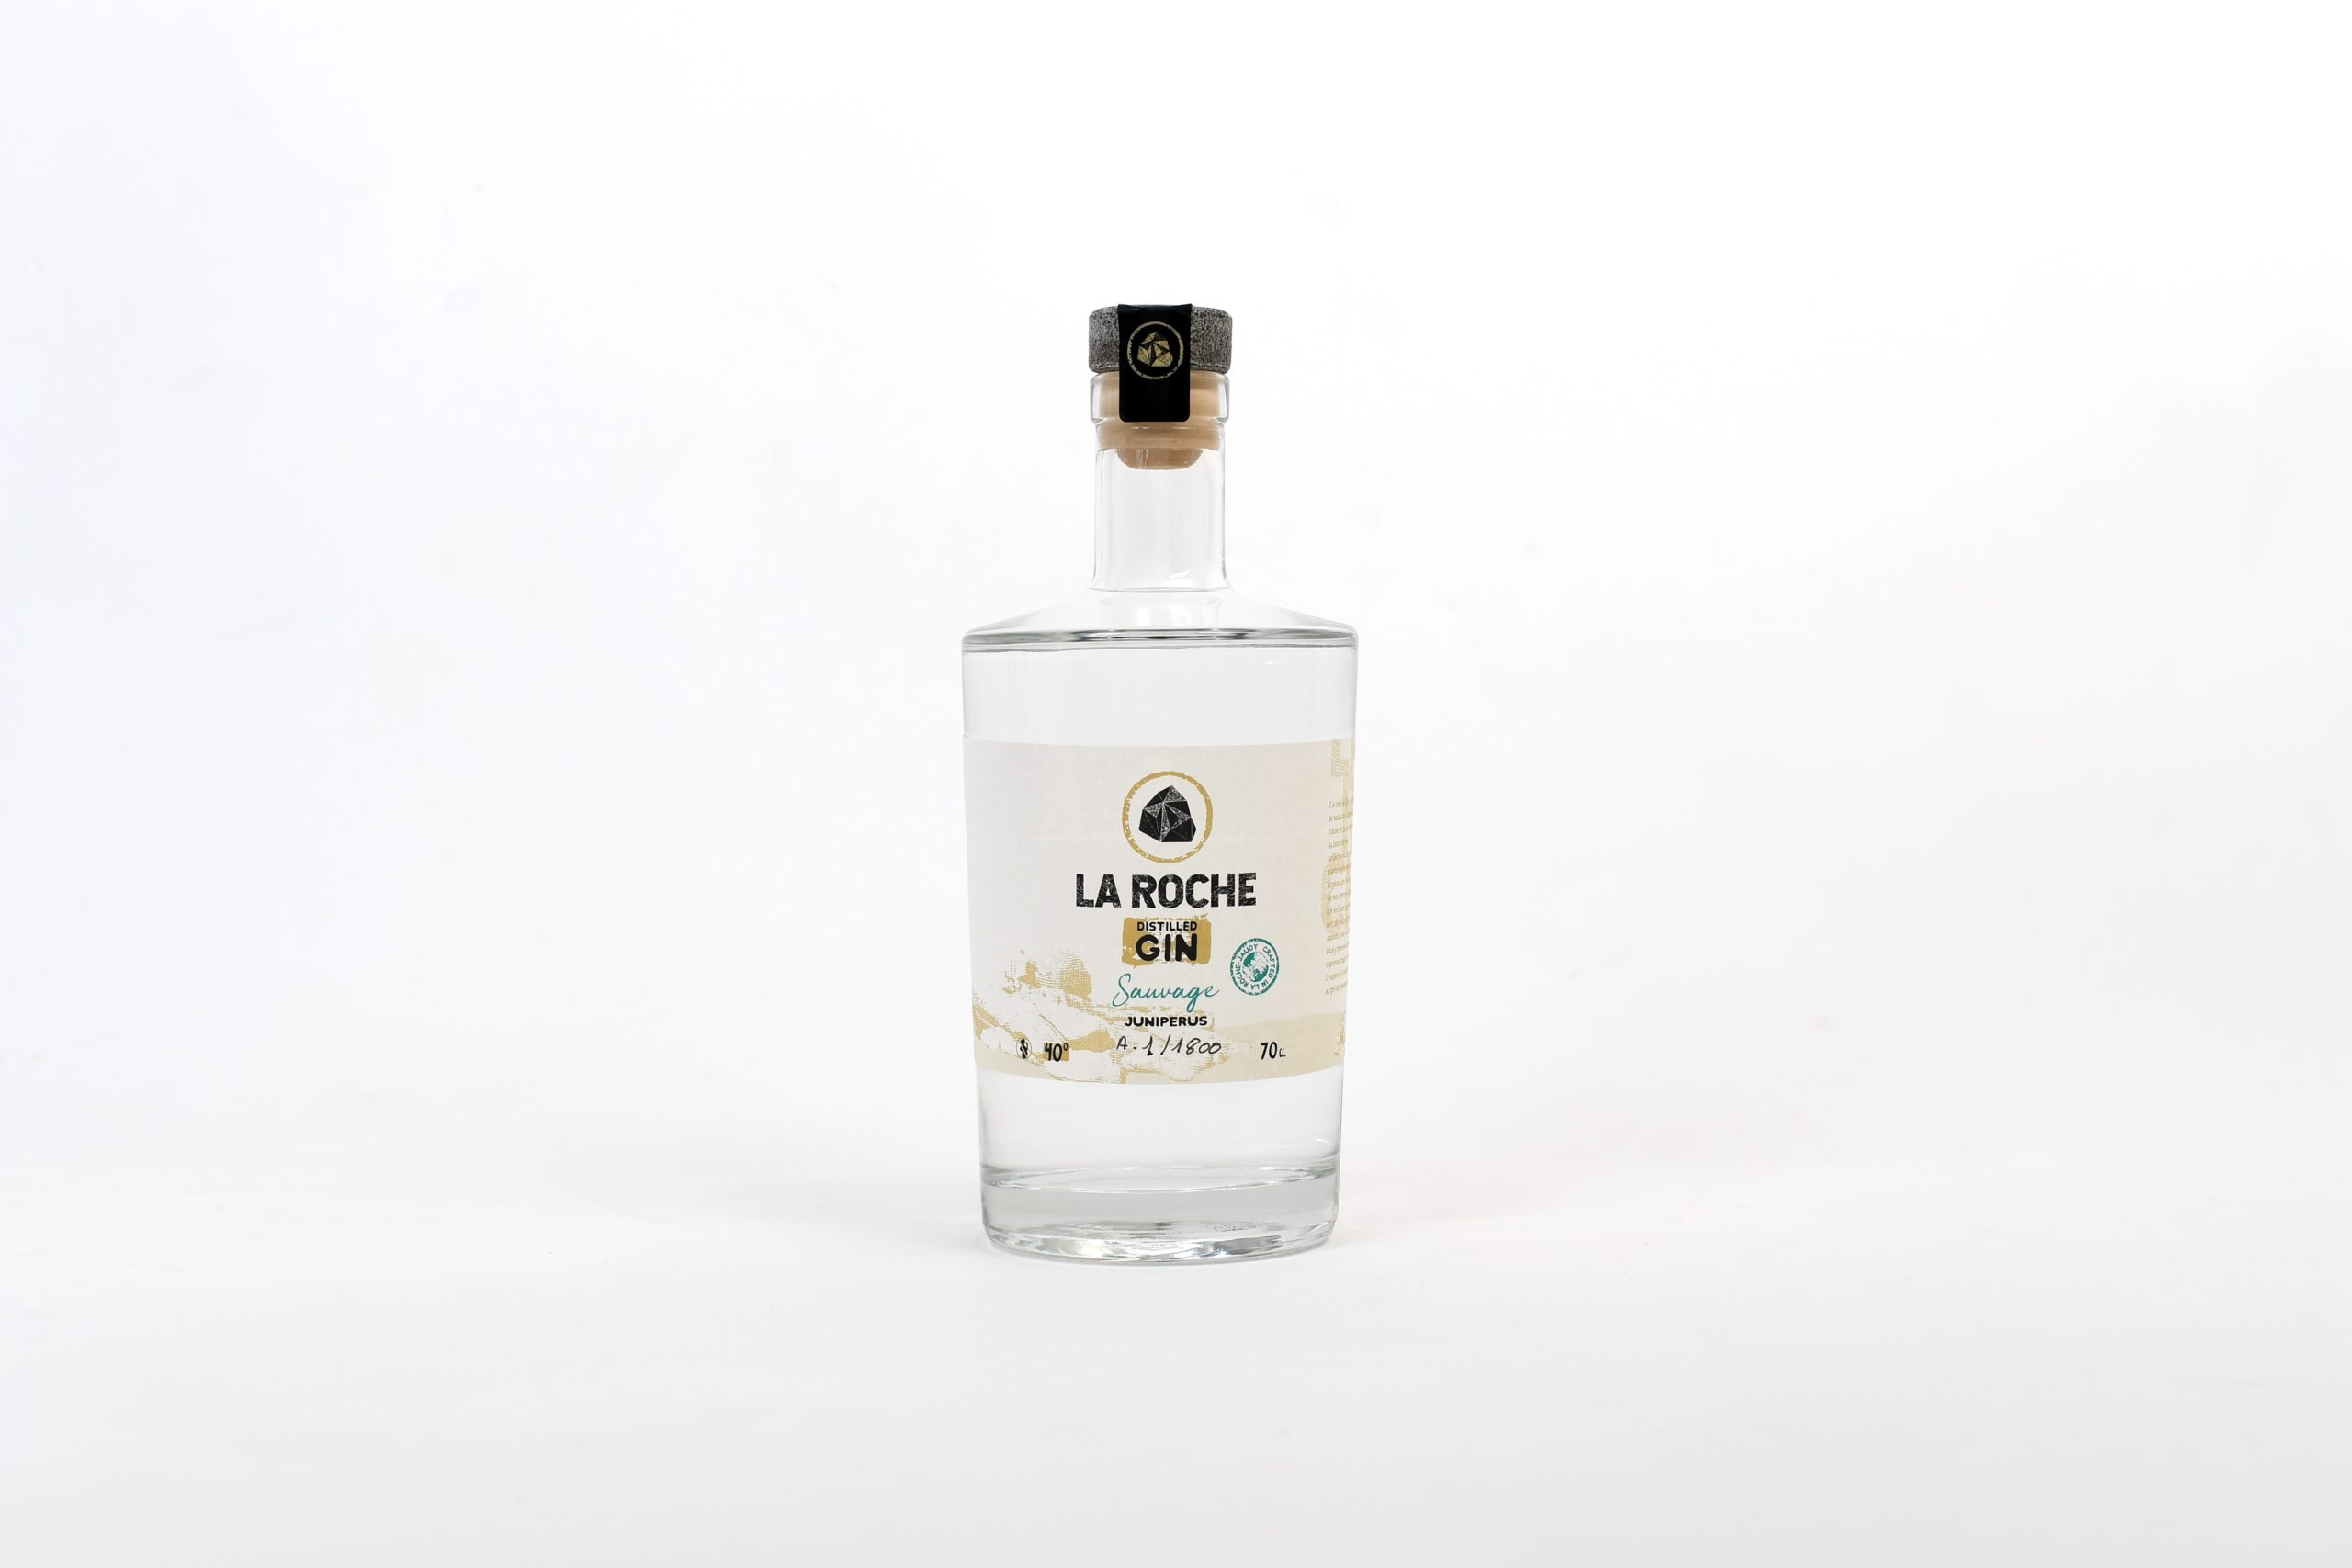 Bouteille Gin La roche - Sauvage